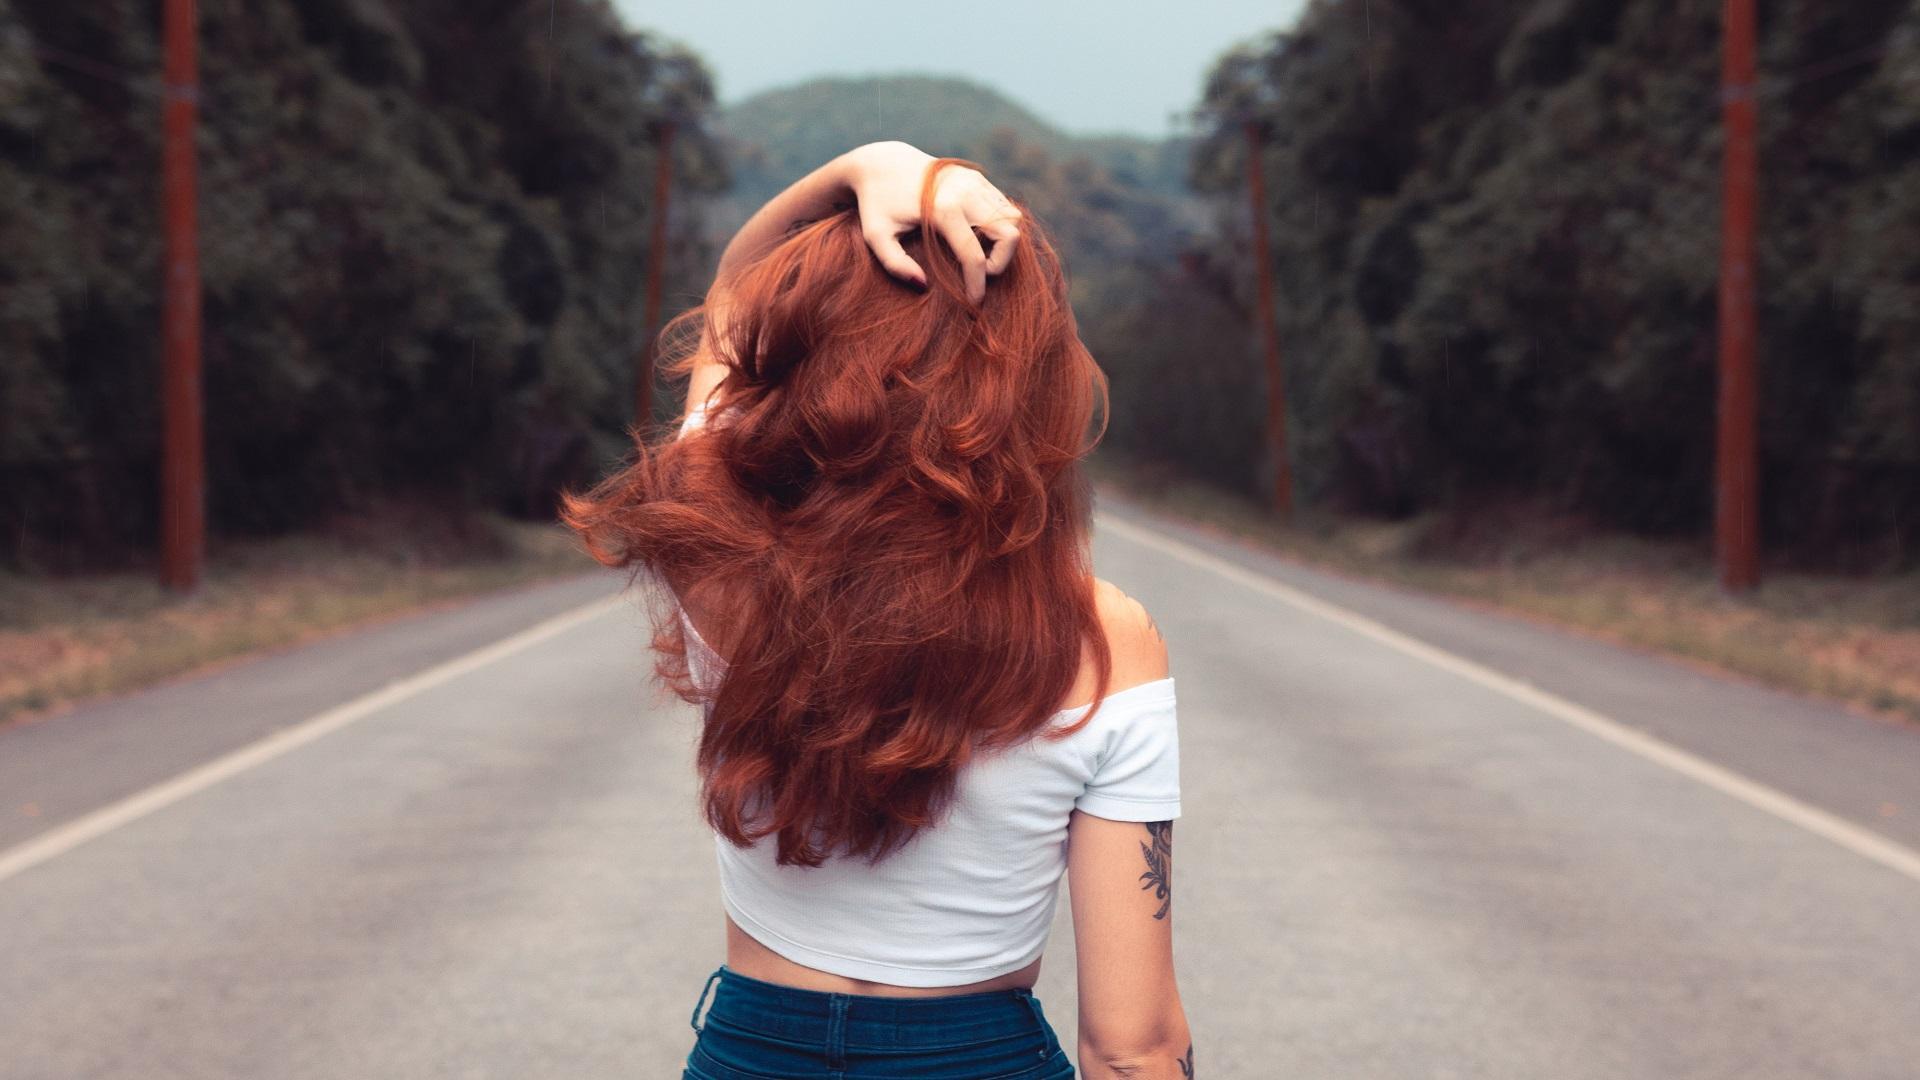 La caída de pelo: un problema que también afecta a los famosos